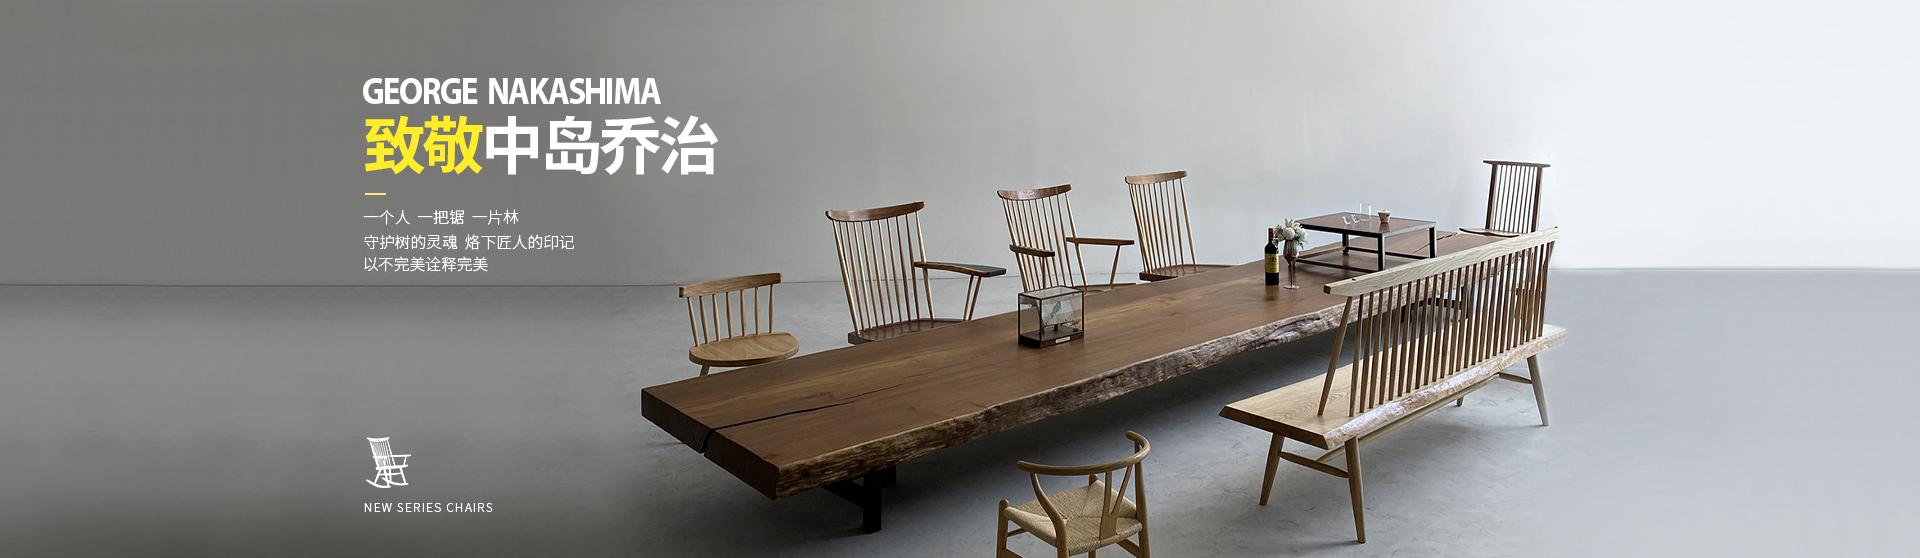 中岛乔治 鱼骨休闲摇椅